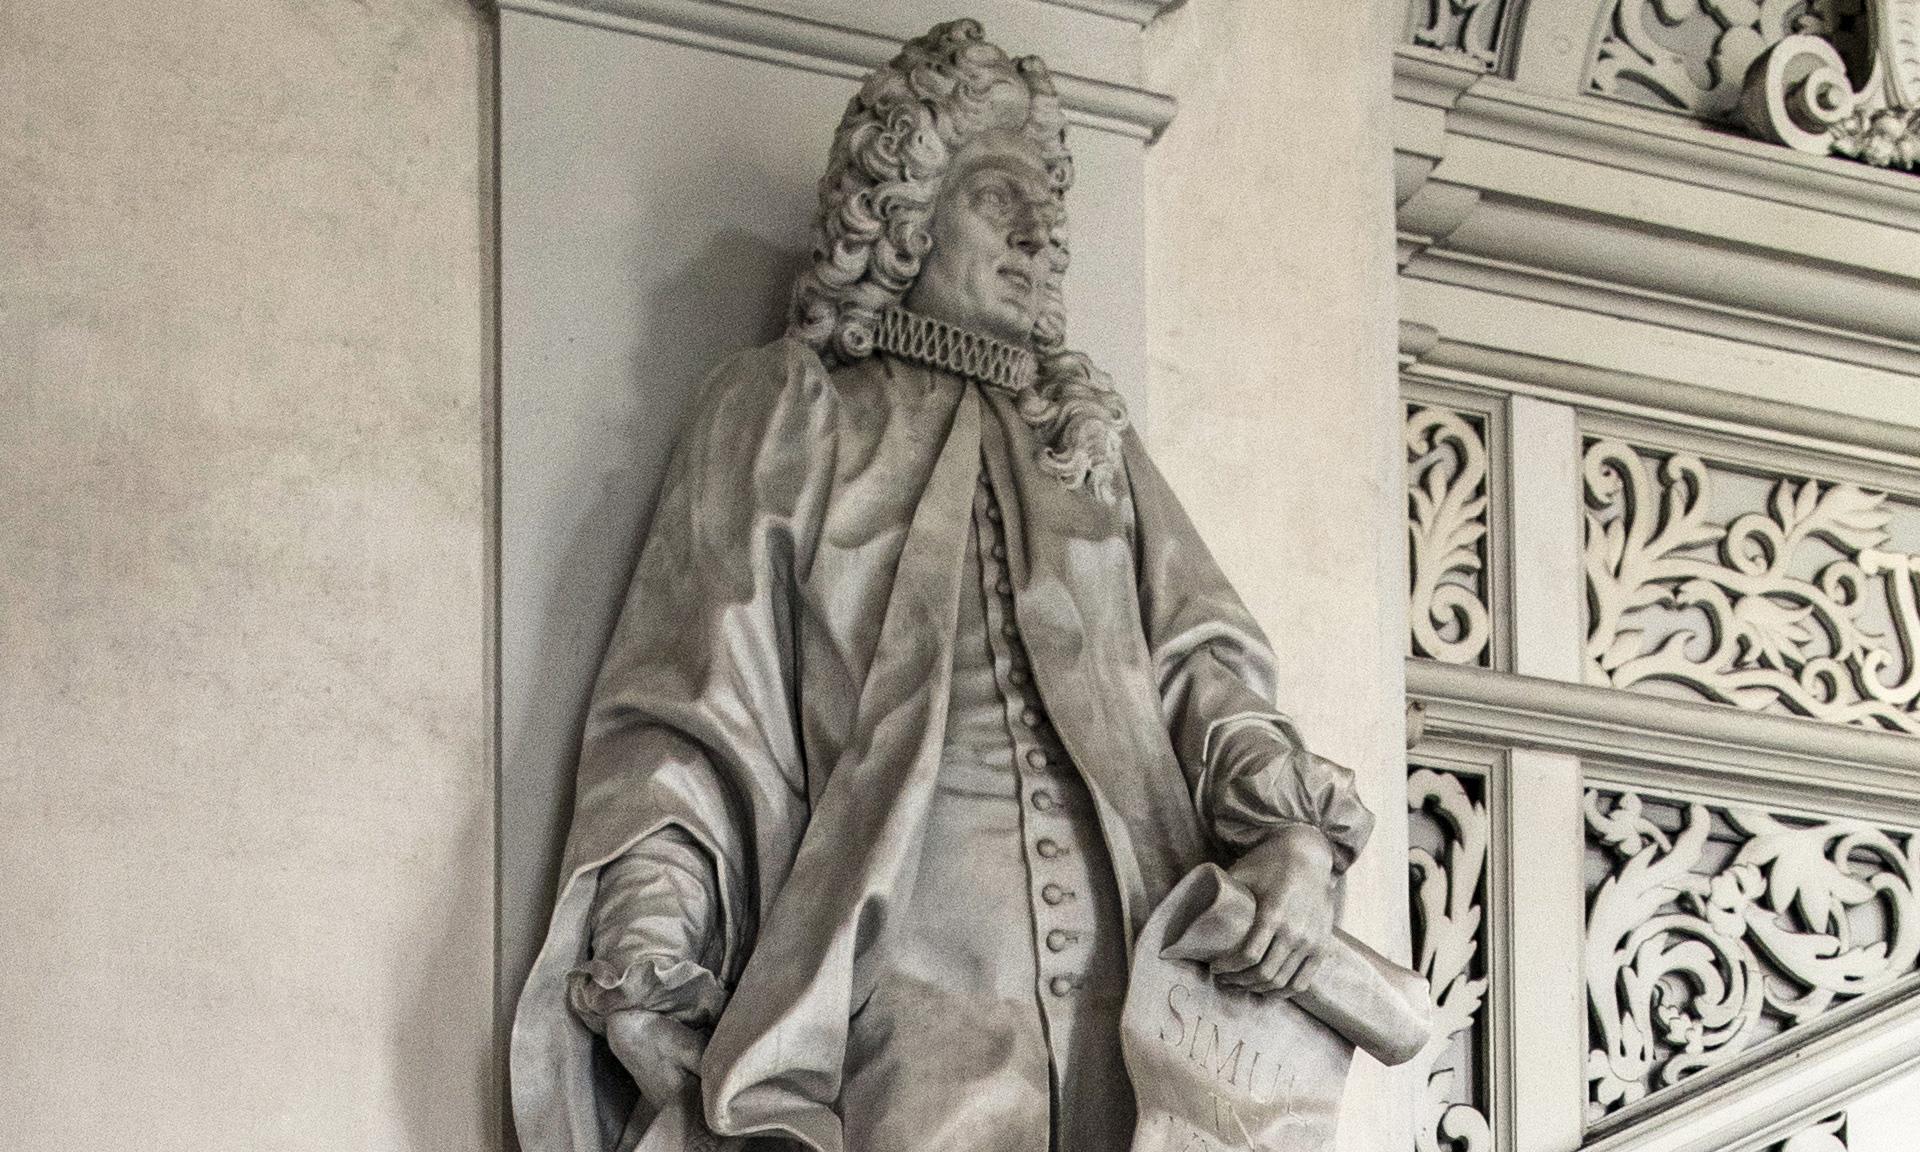 statue_ioanni-dominico-spinulae_02 - Albergo dei Poveri Genova